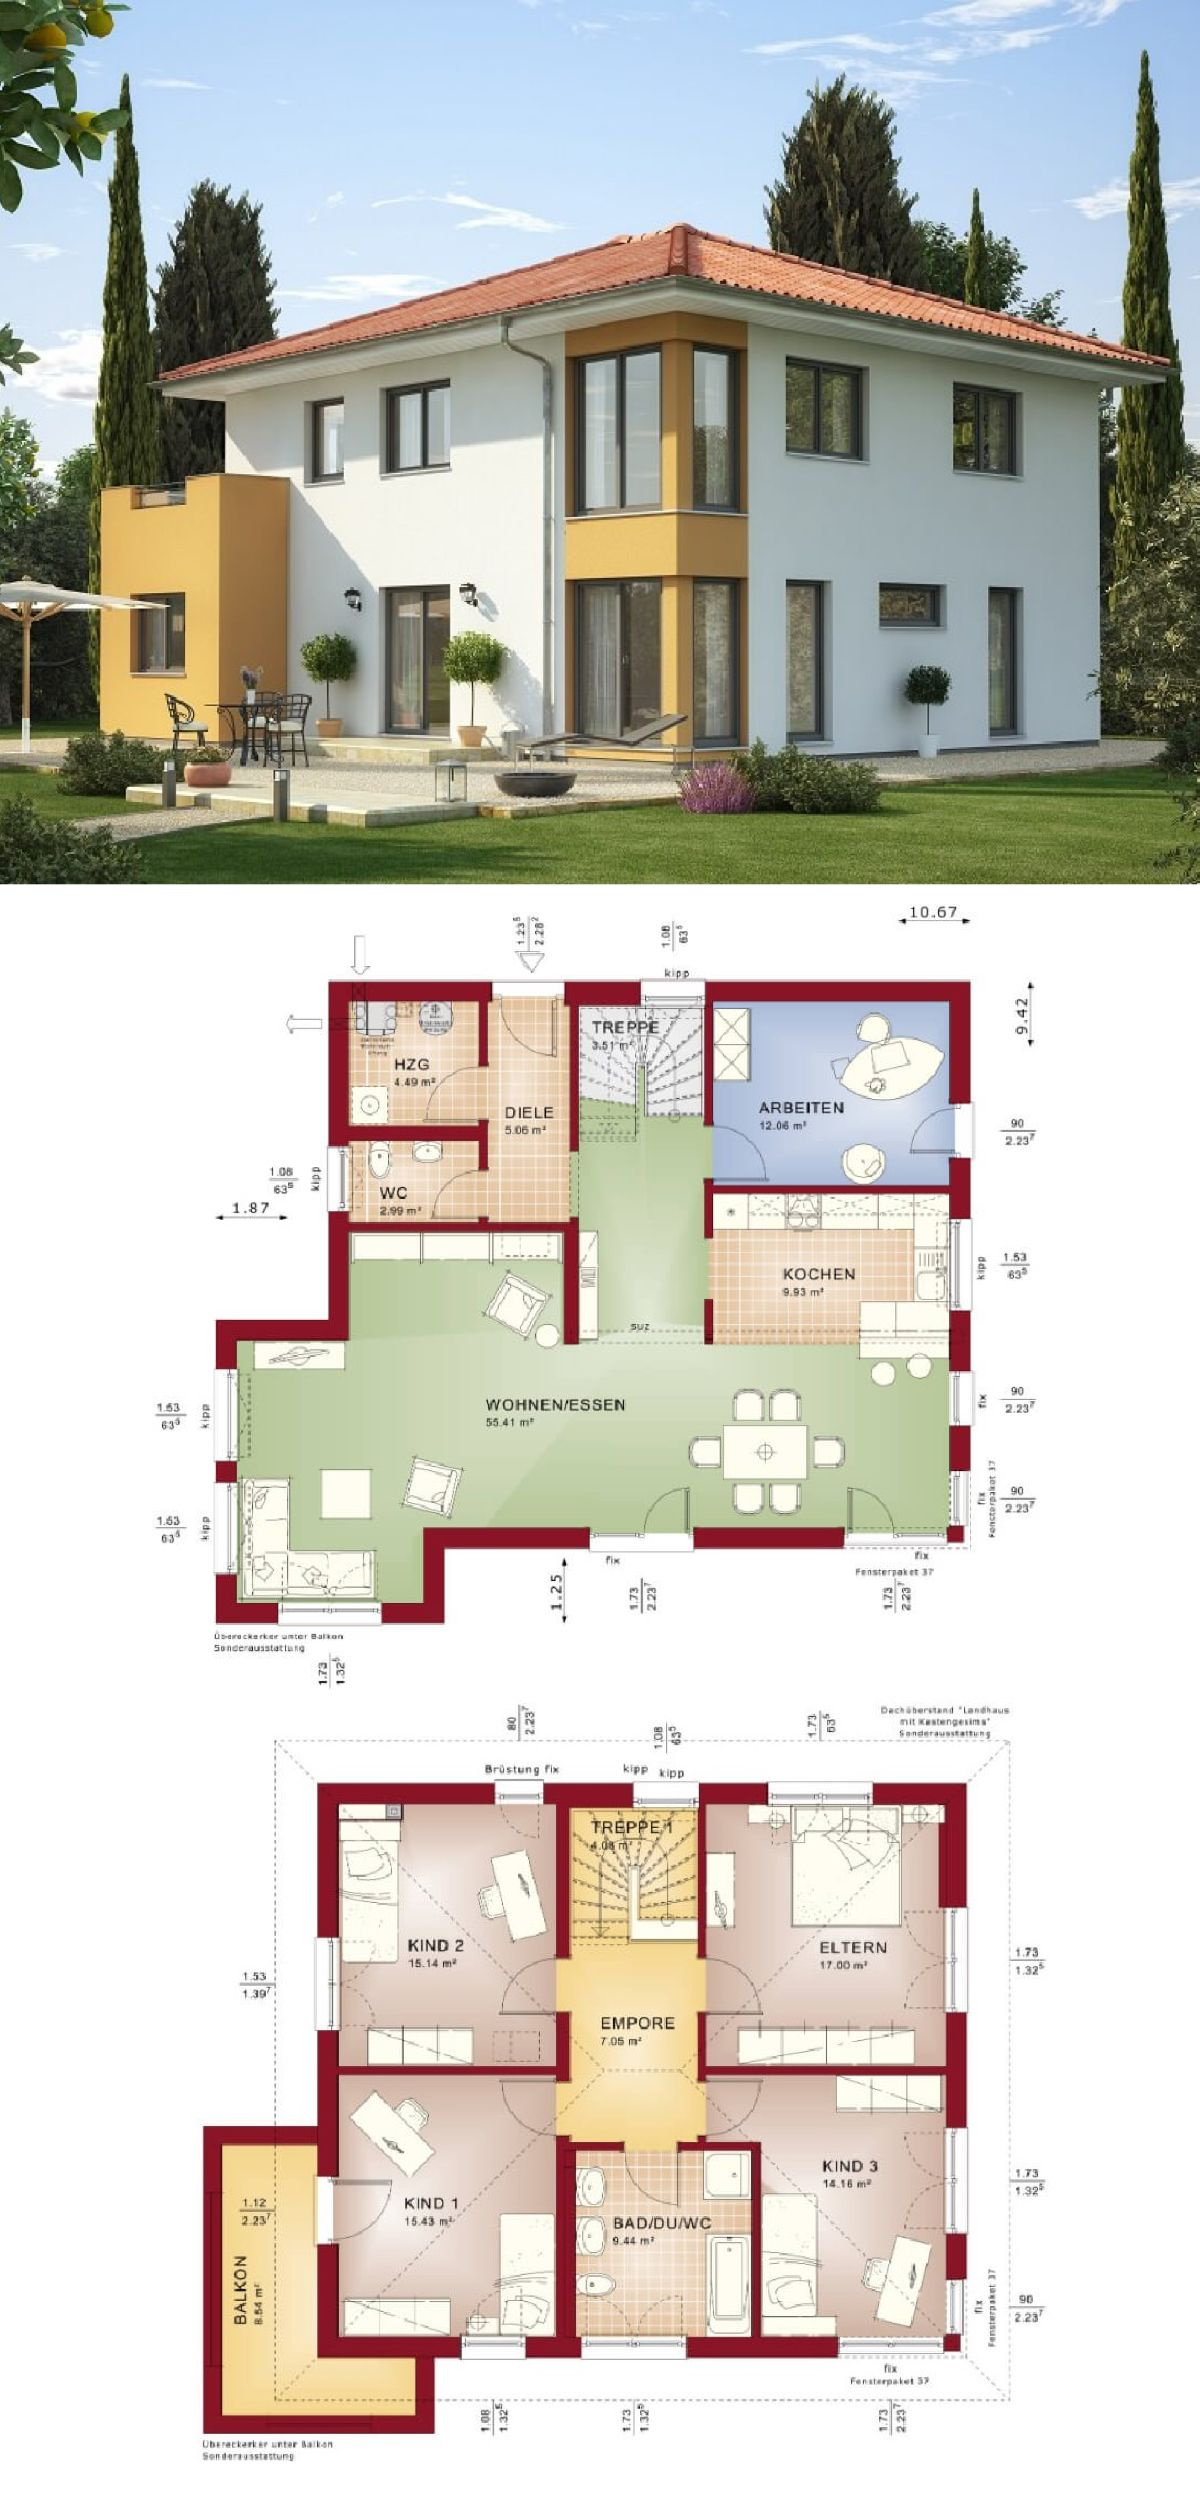 Stadtvilla im Landhaus-Stil modern mit Walmdach - Grundriss Haus ...